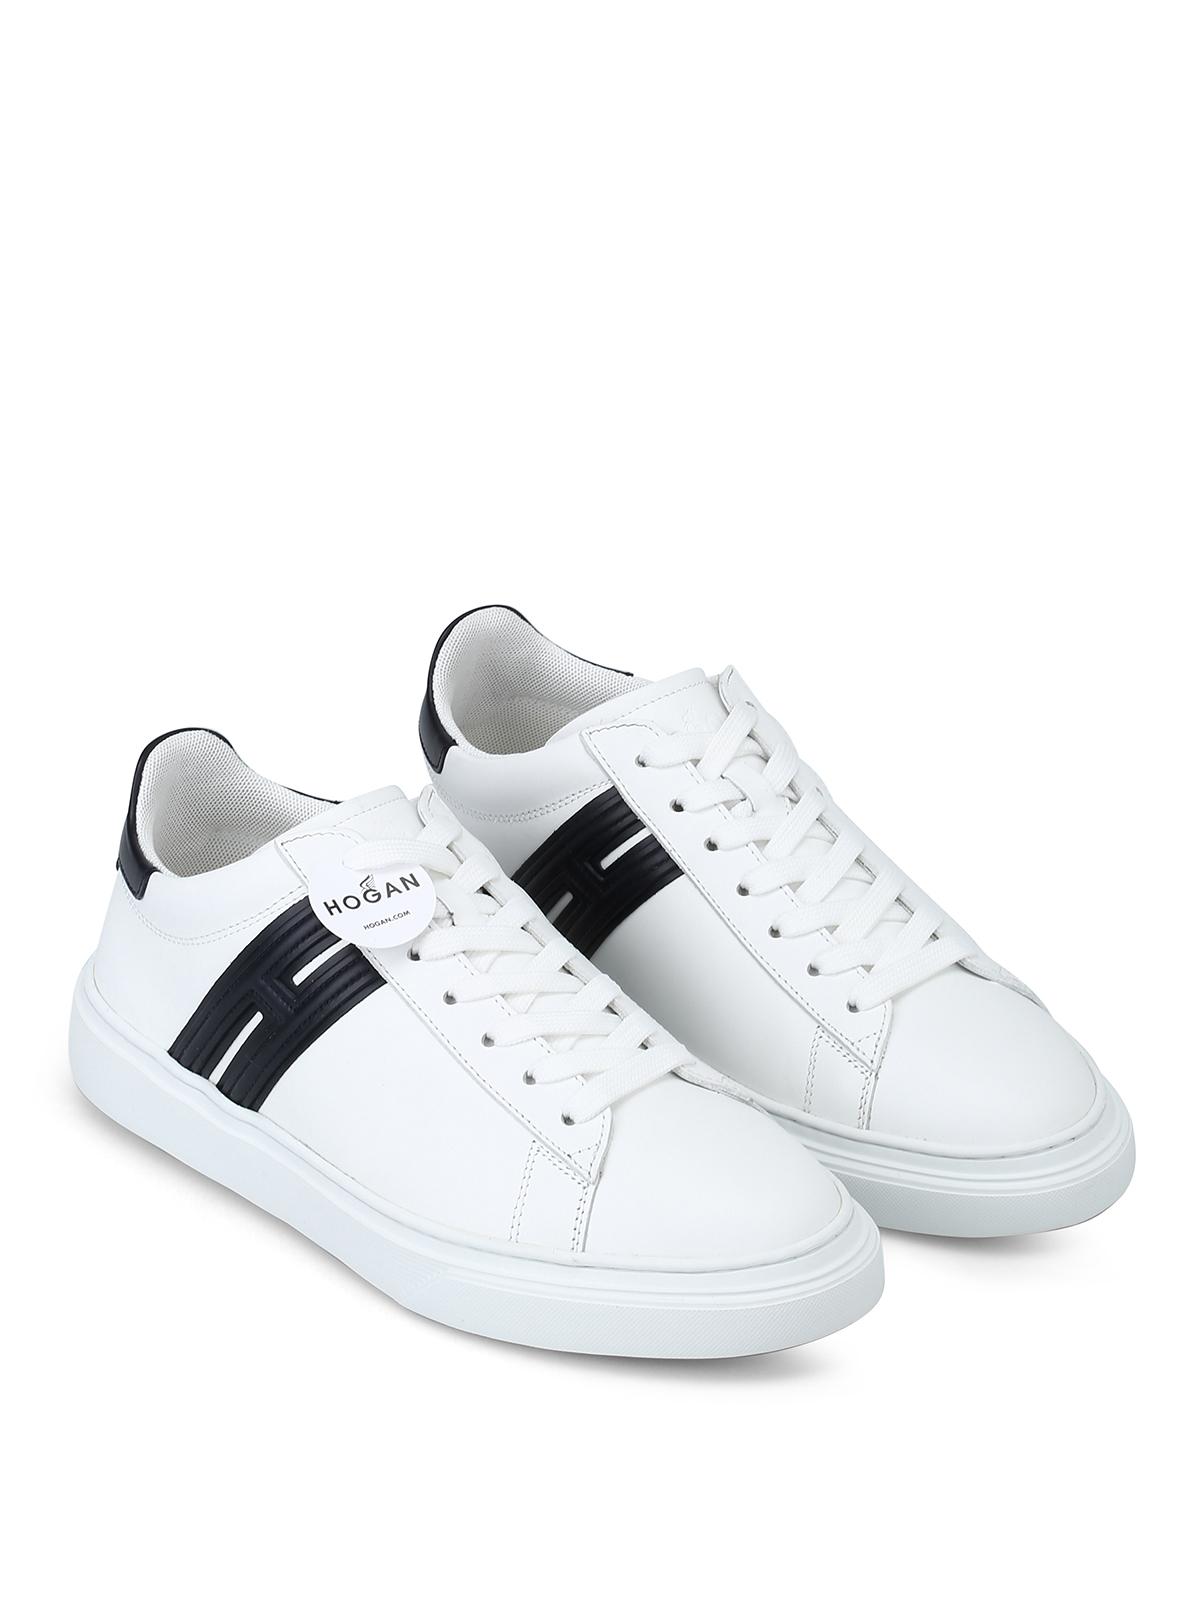 Sneakers Hogan - Sneaker bianche H365 in pelle - HXM3650J310KLA1353